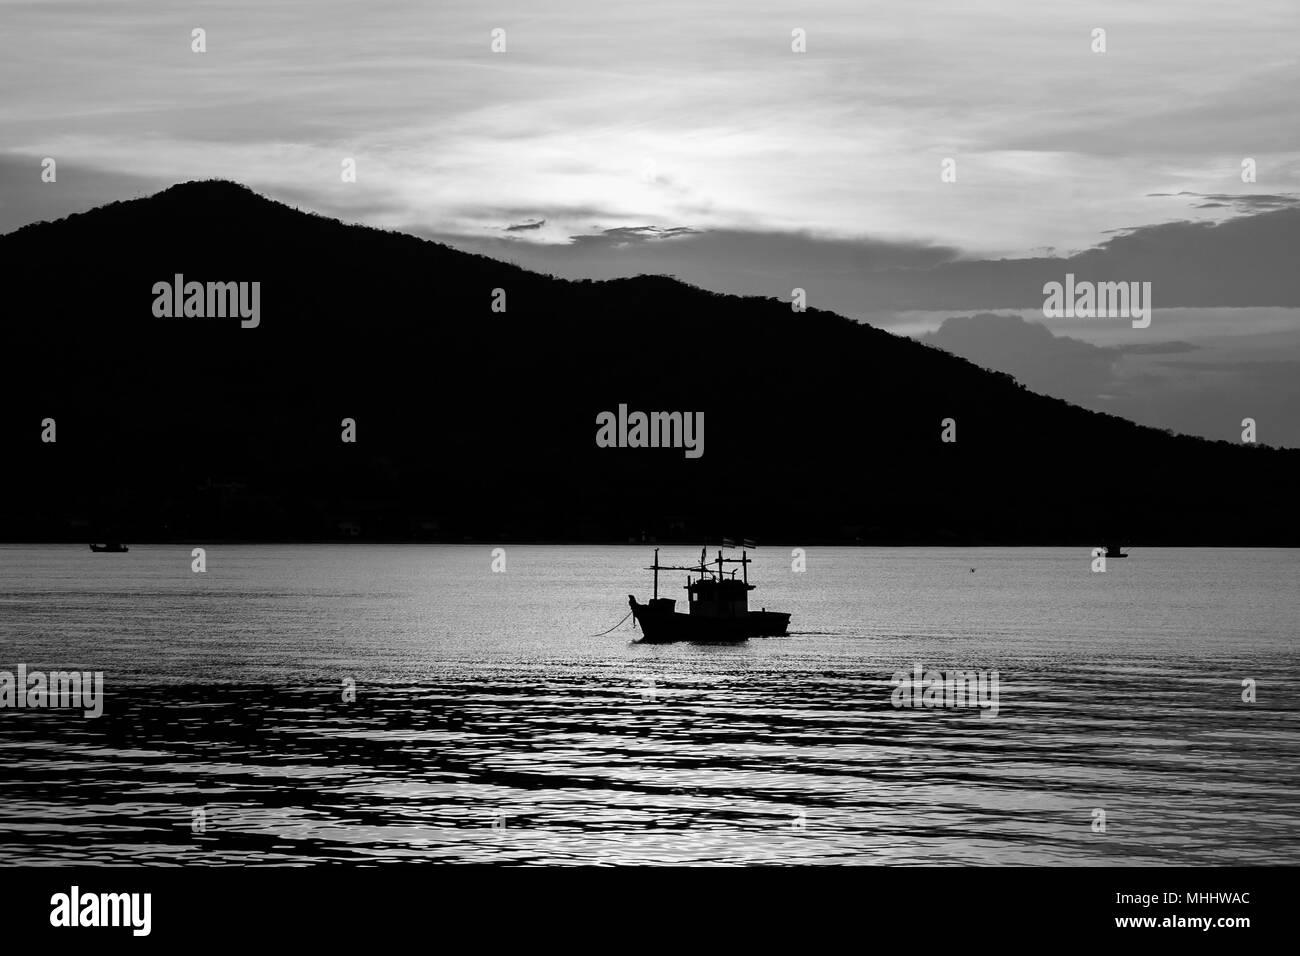 Abstract Immagine In Bianco E Nero Bella Seascape Vista Di